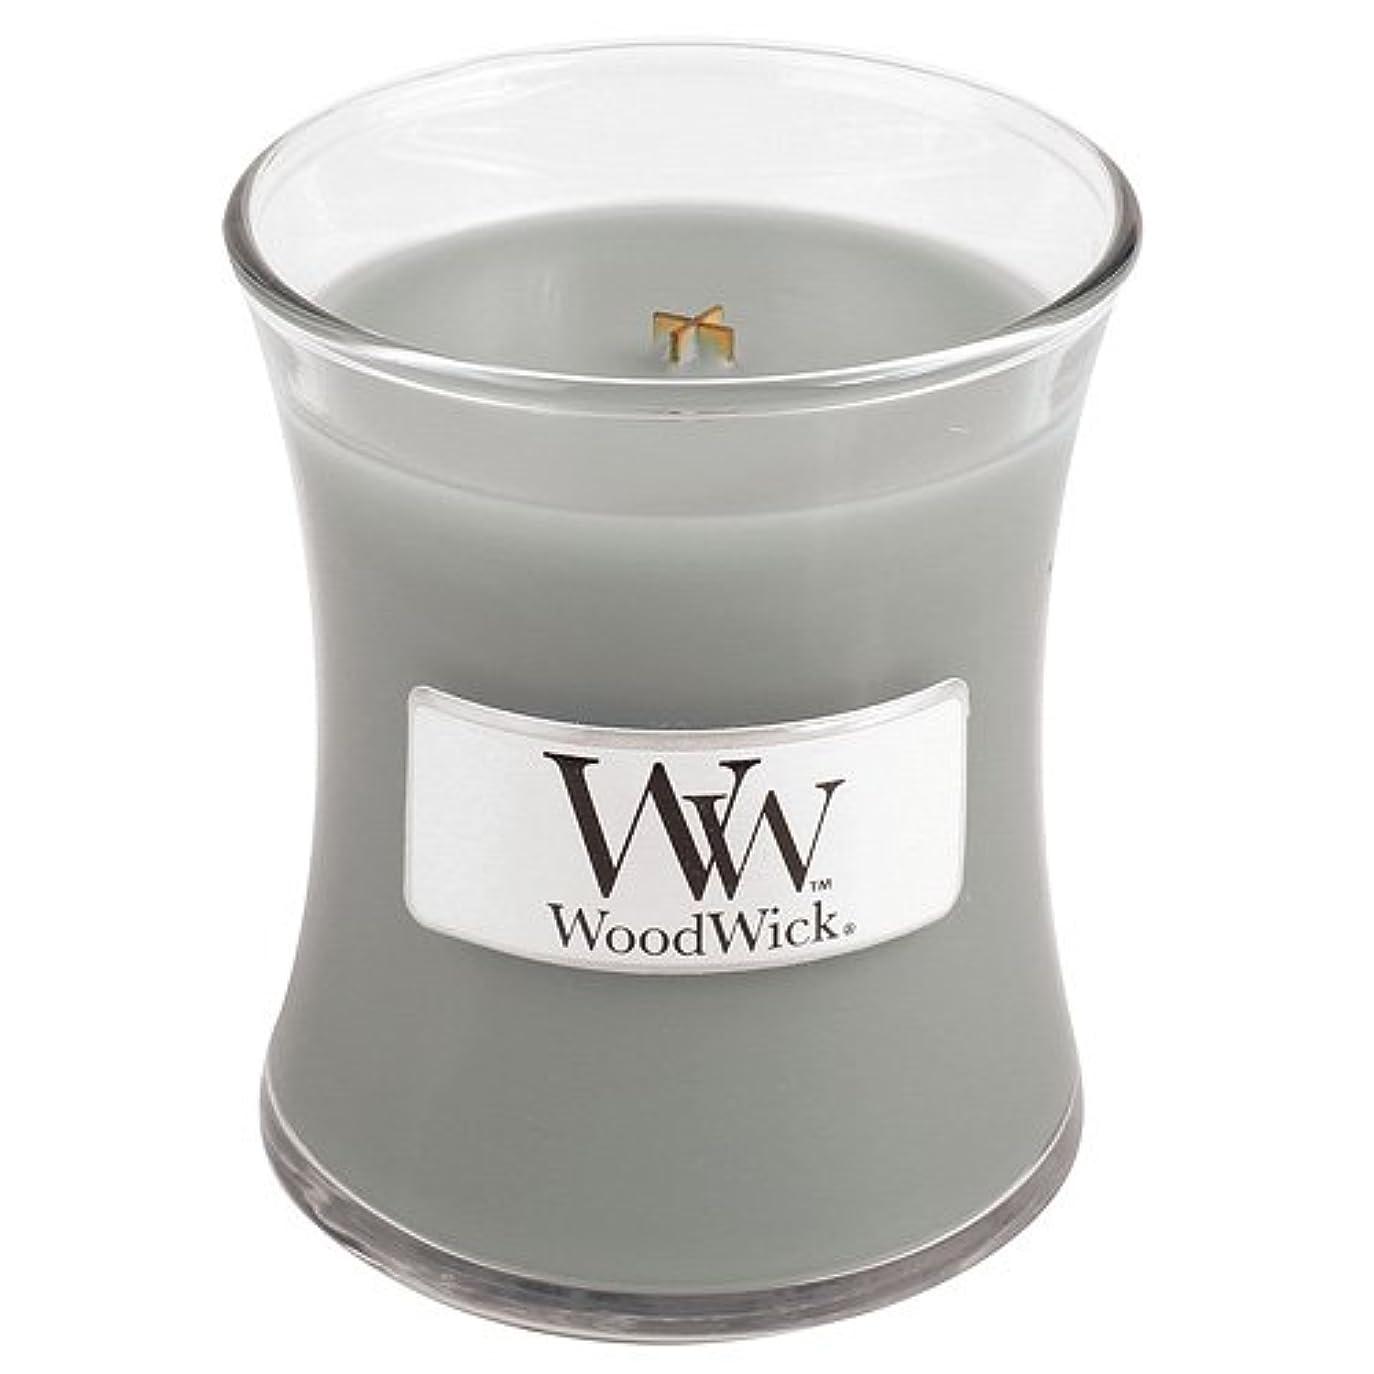 カウントアップ記念碑的なぬれたWoodwick Mini Fireside Candle 3.4oz by WoodWick